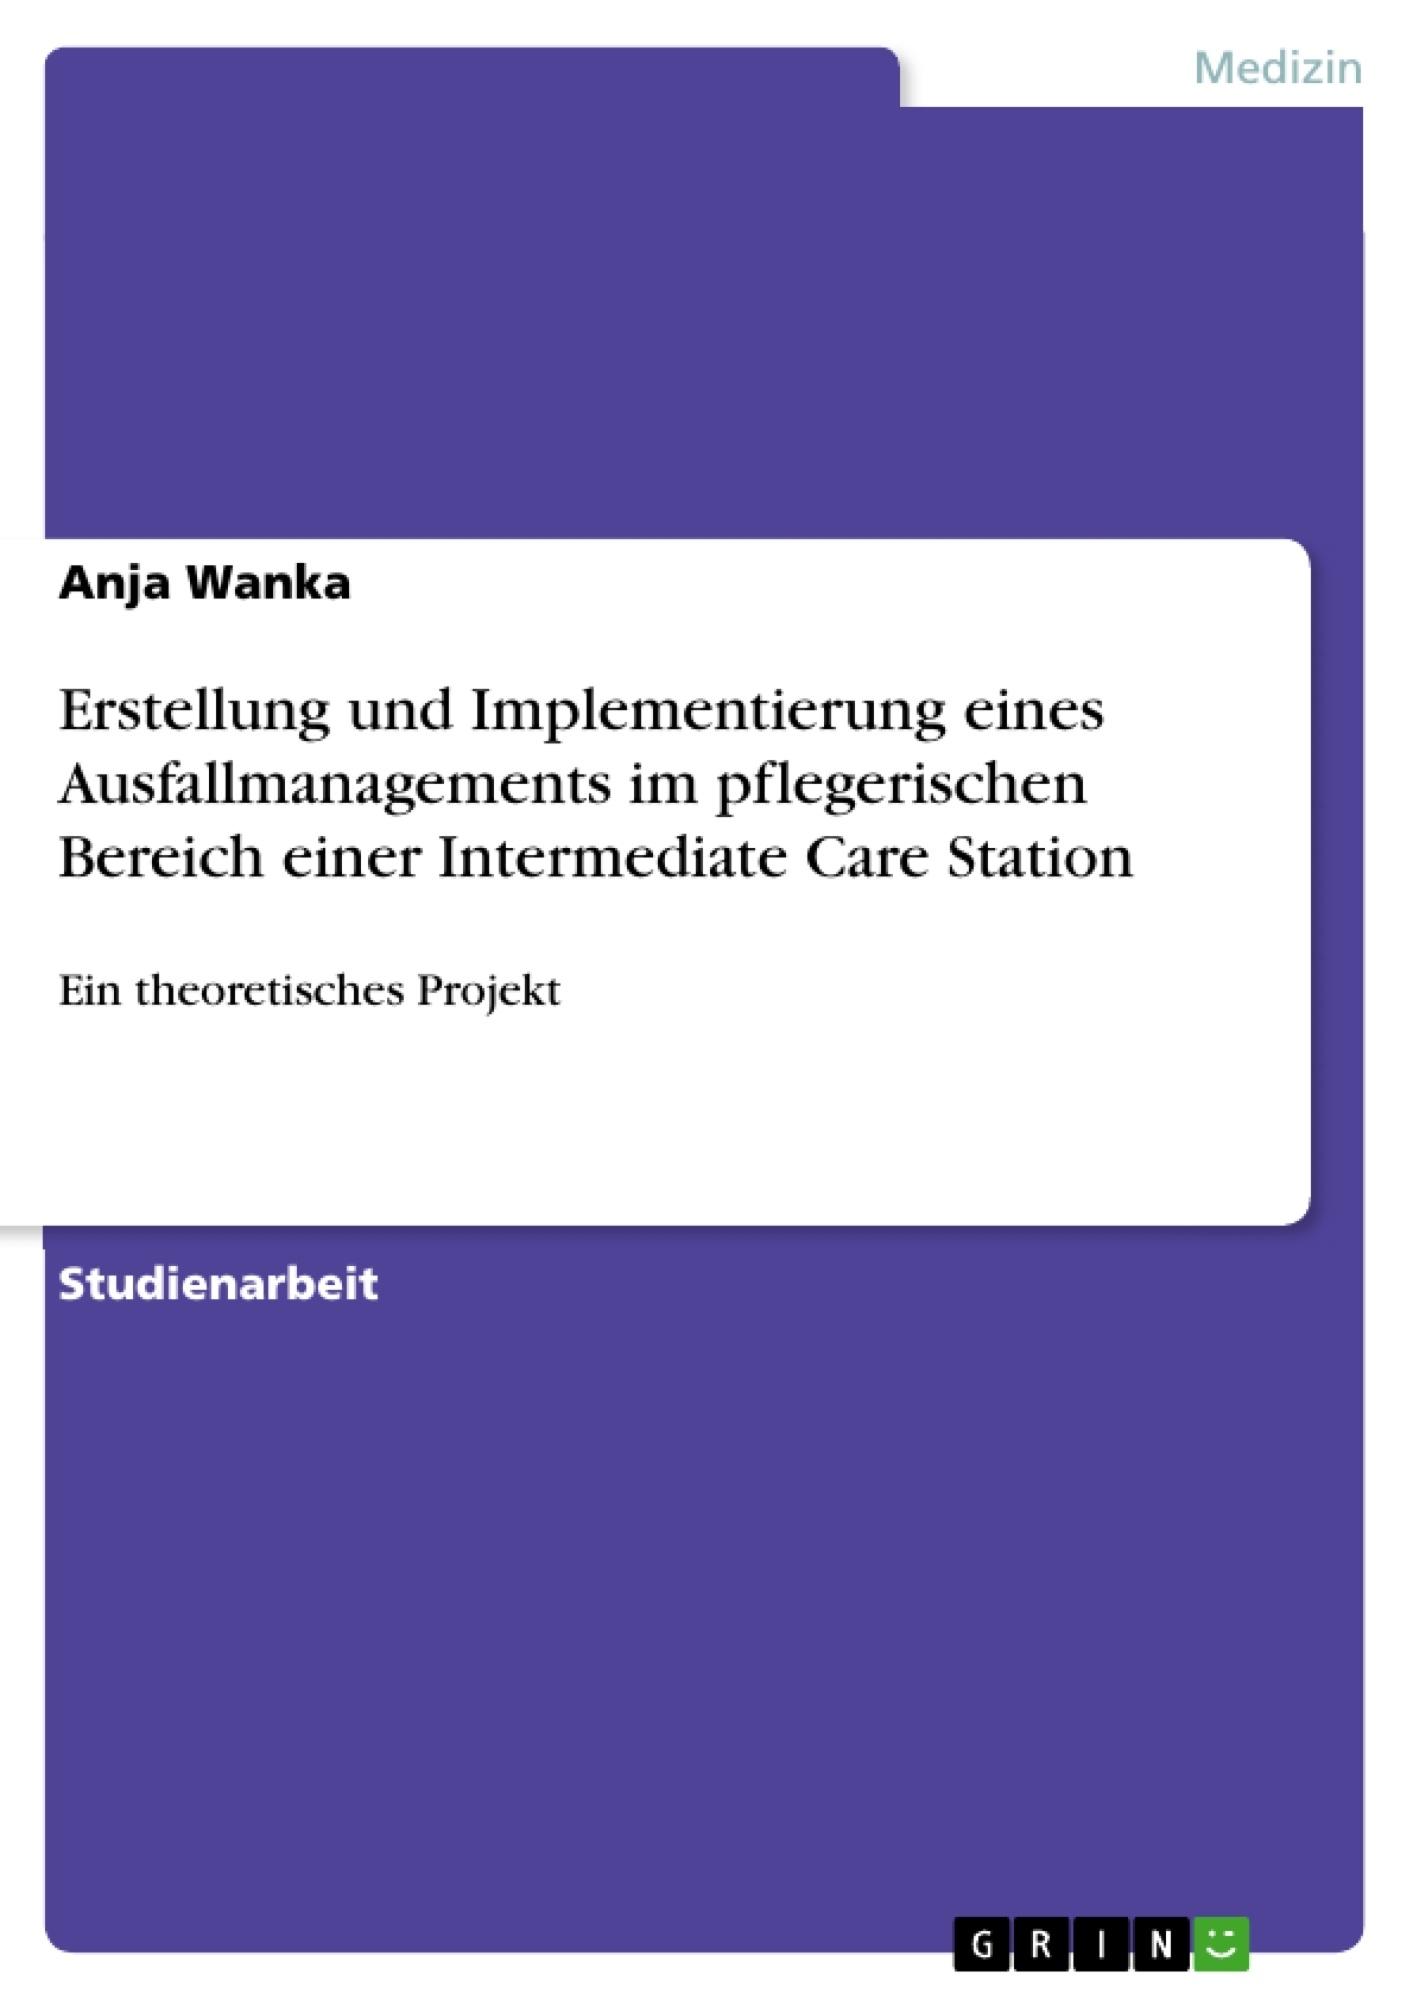 Titel: Erstellung und Implementierung eines Ausfallmanagements im pflegerischen Bereich einer Intermediate Care Station